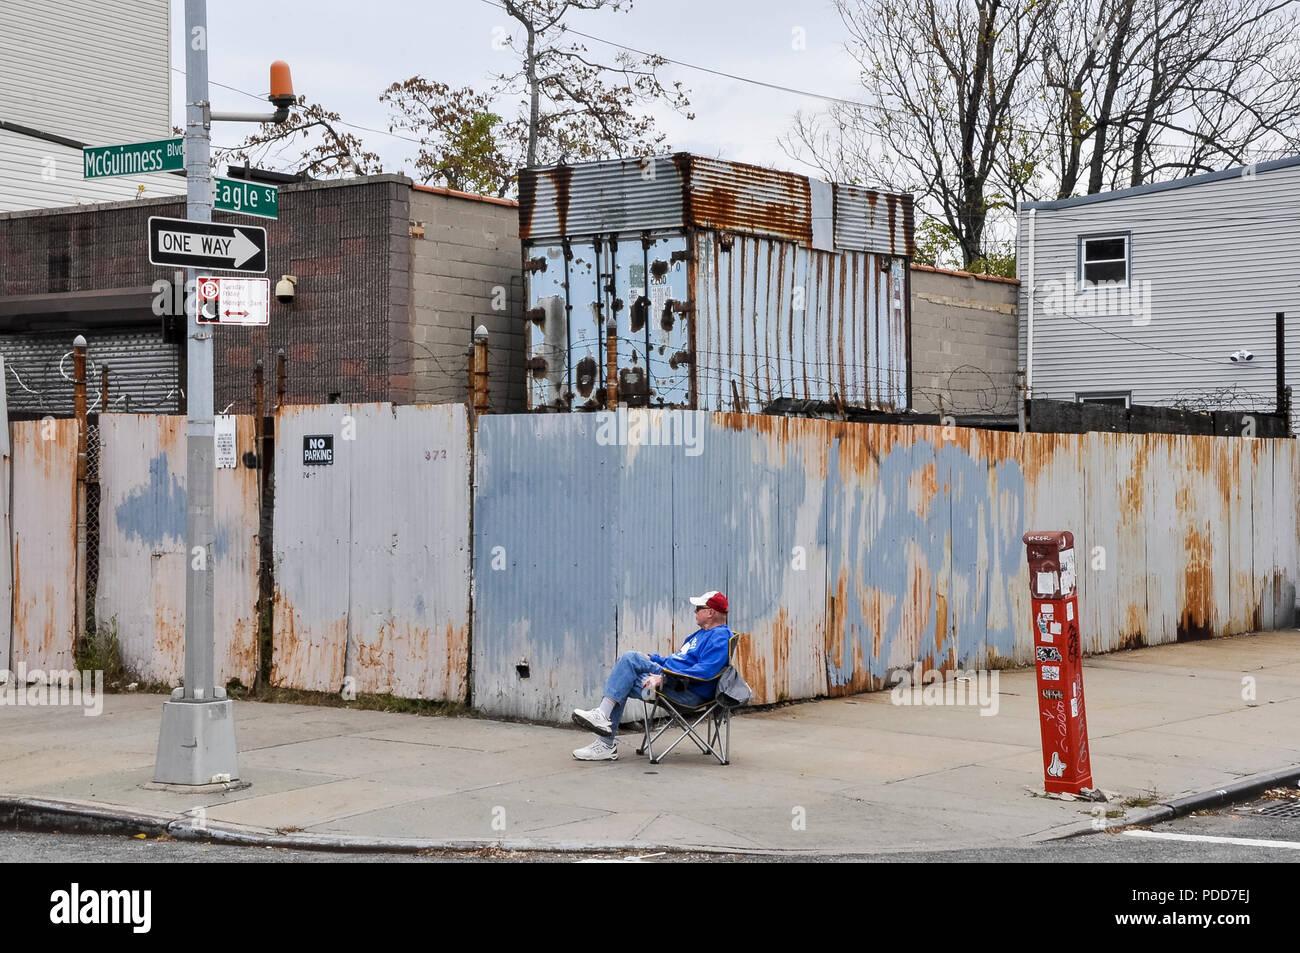 01-11-15, New York, USA. New York Marathon. Ein Zuschauer Uhren den New York Marathon Läufer, wie Sie seine Straße weiter. Foto: © Simon Grosset Stockbild